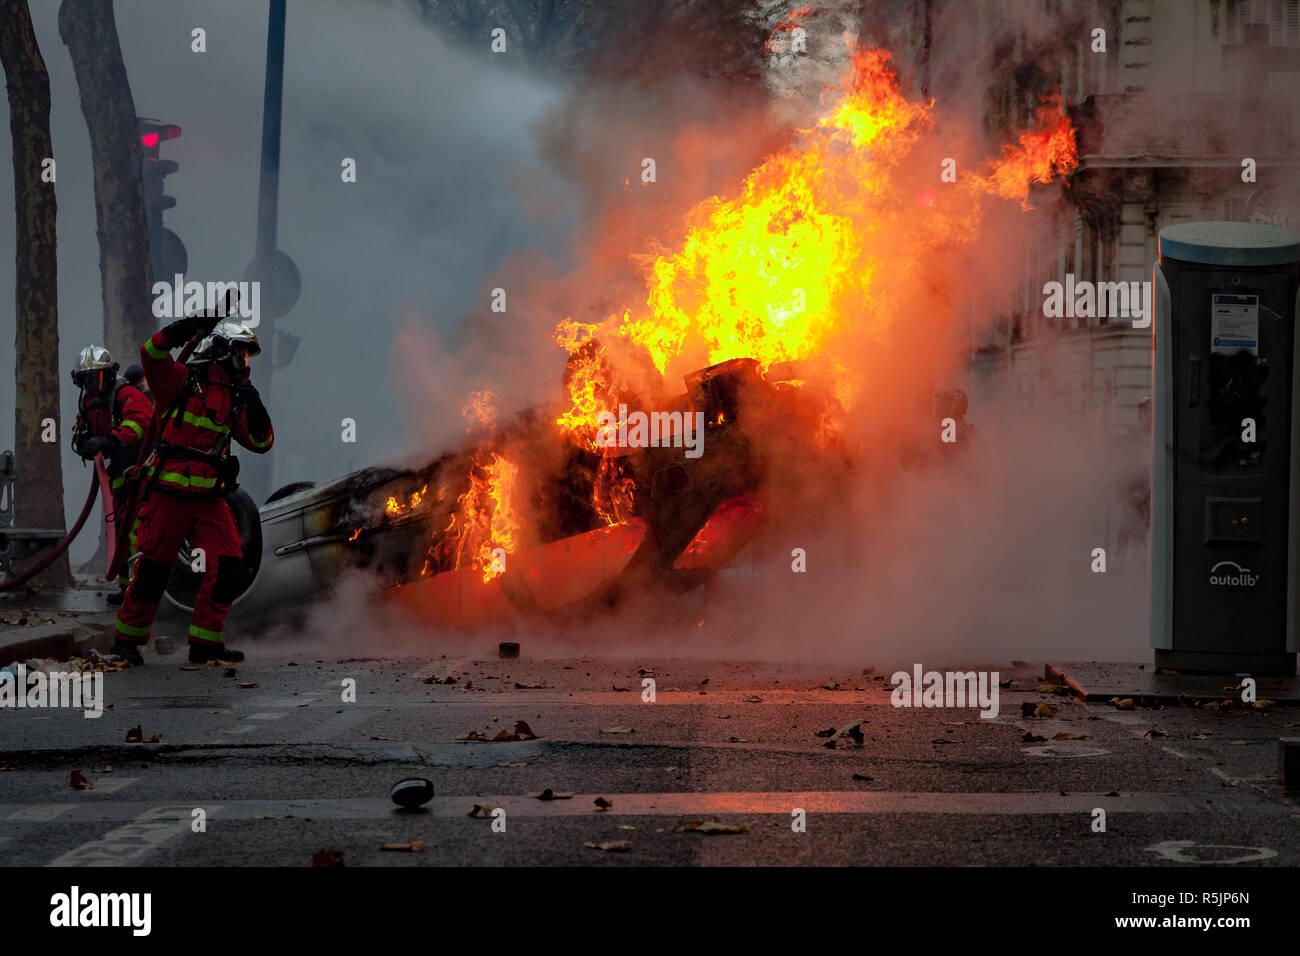 París, Francia. El 1 de diciembre, 2018. Los bomberos extenguishing un coche incendiado durante los chalecos amarillos protesta contra Macron político. Crédito: Guillaume Louyot/Alamy Live News Imagen De Stock